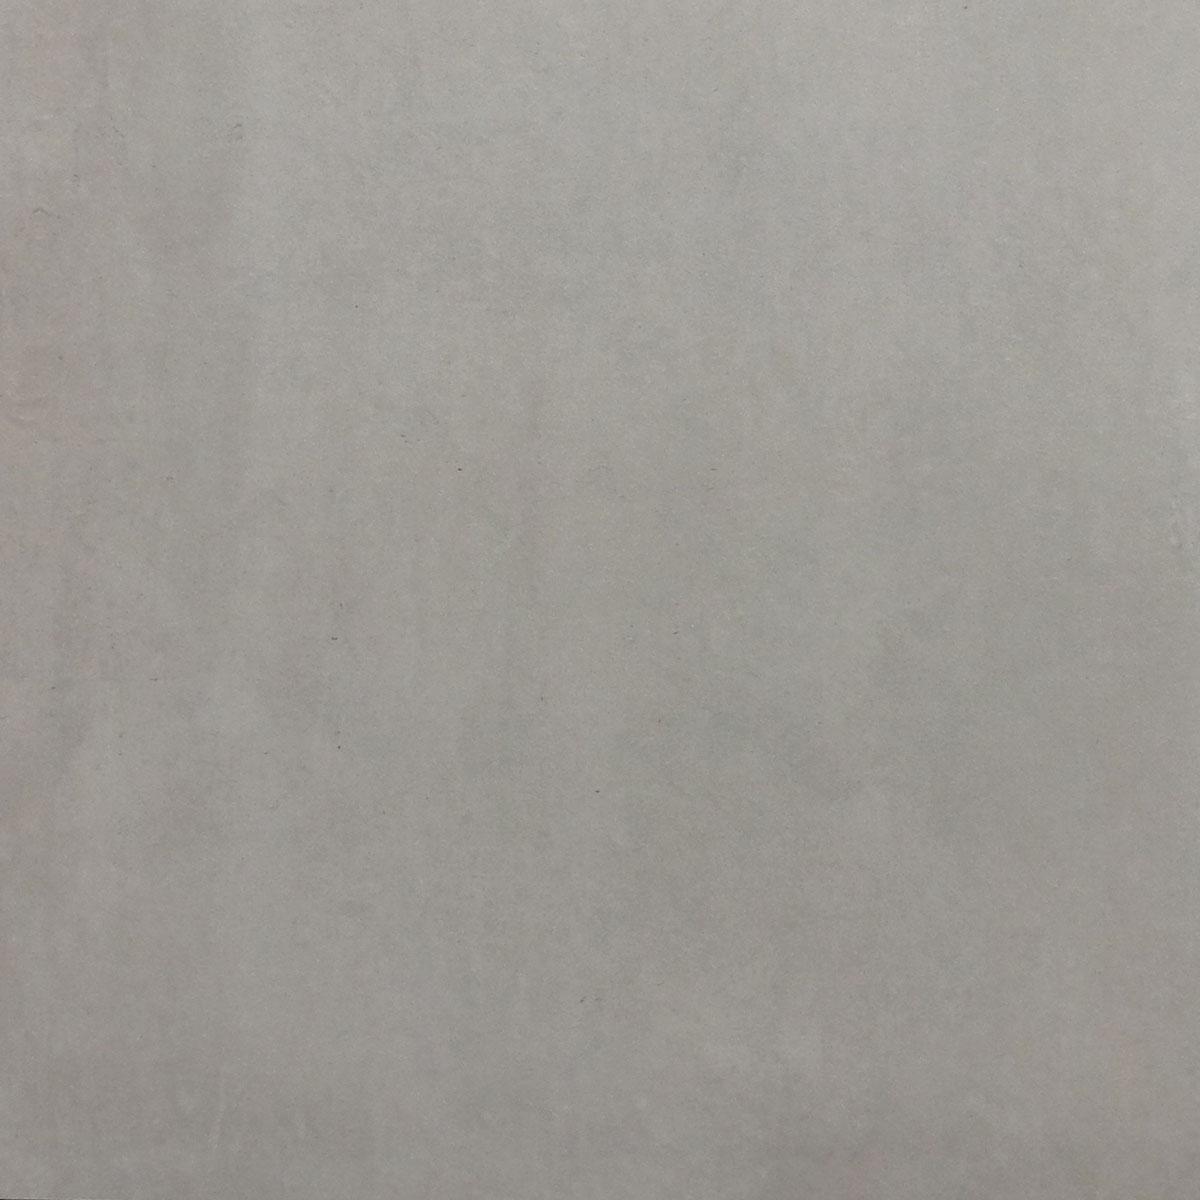 T-Trading Coutura Beige CC01-60x60 Bodenfliese 60x60 matt